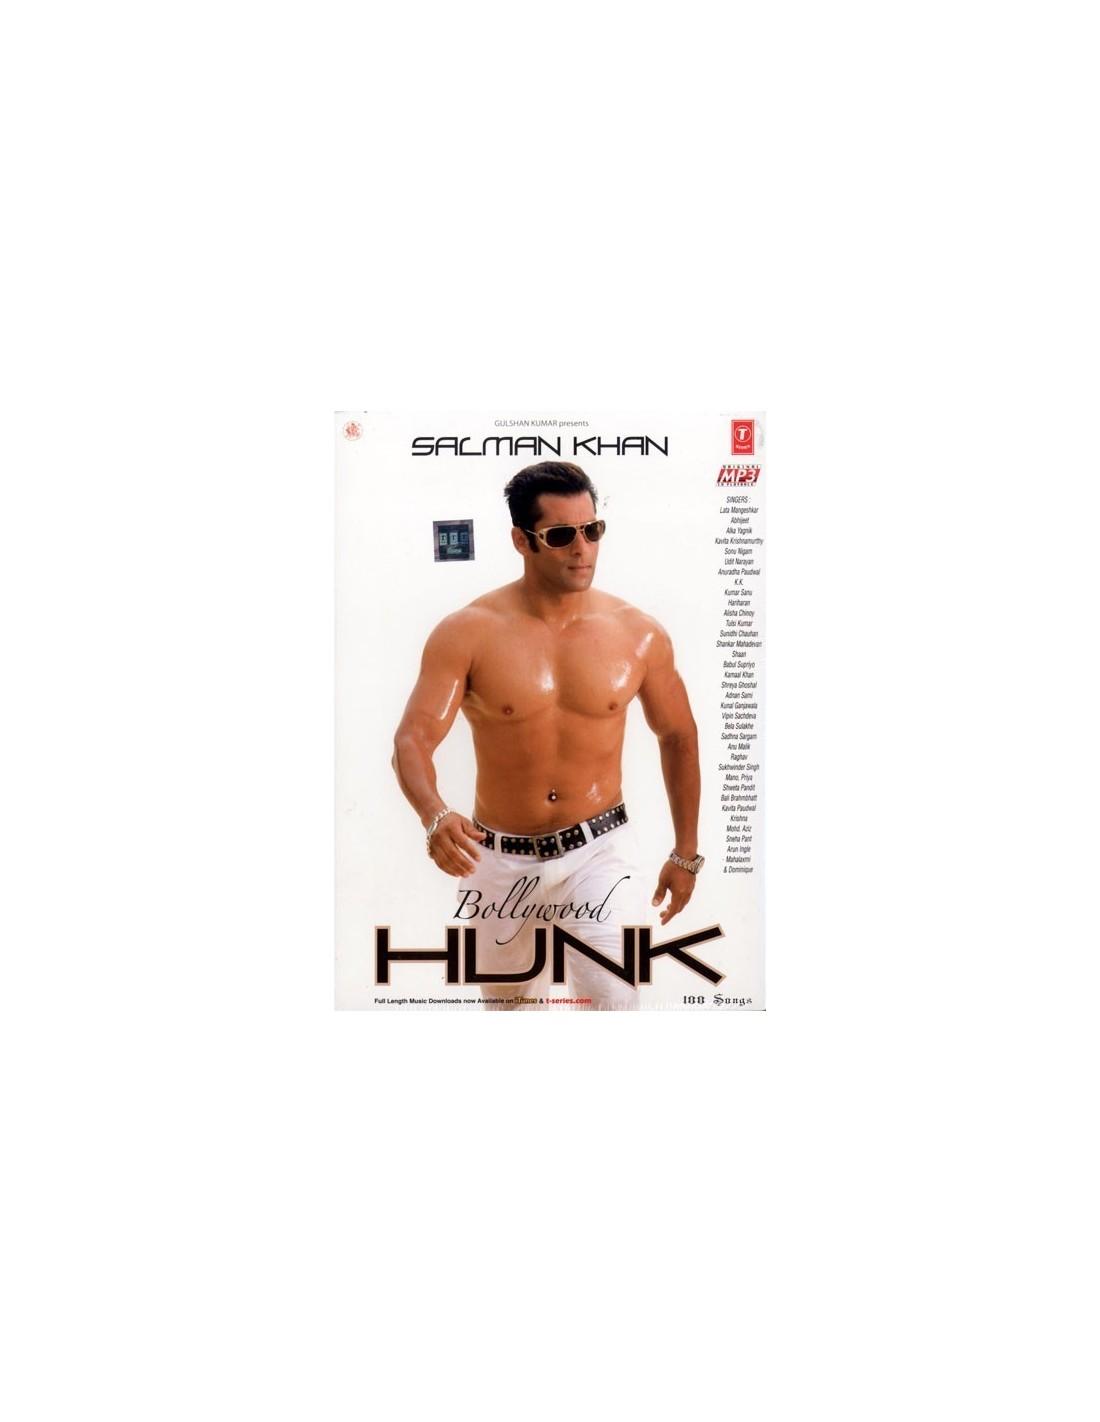 Best of Salman Khan Music Playlist Best MP3 Songs on